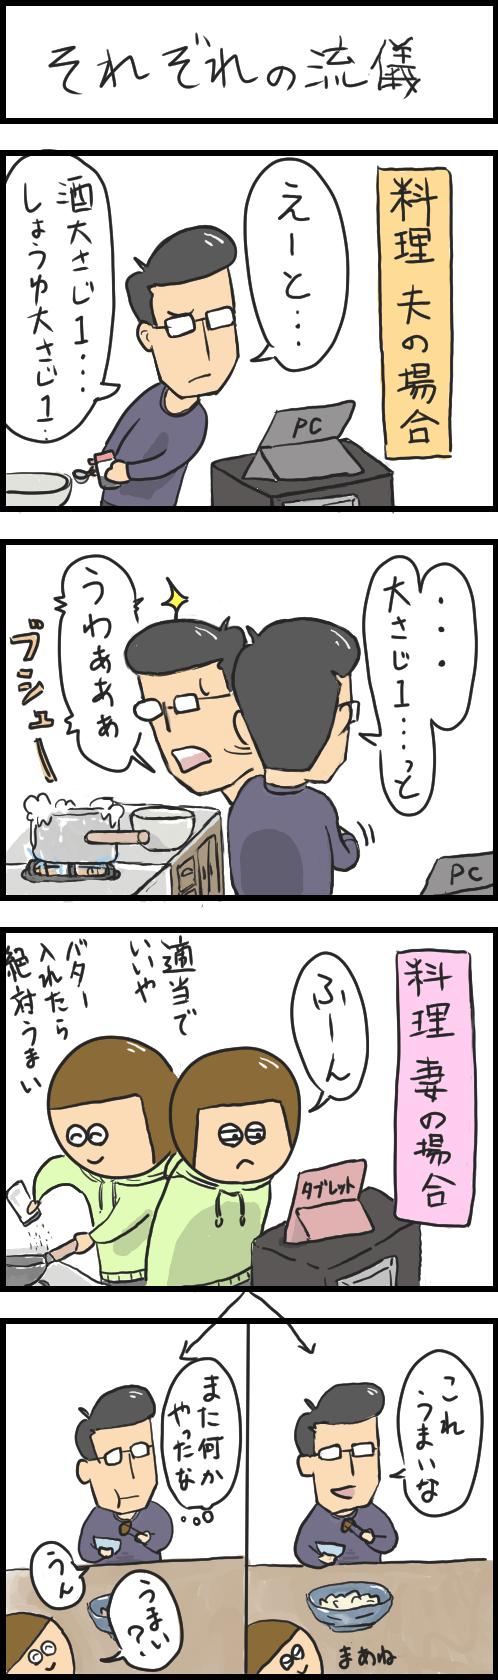 妻の料理と夫の料理